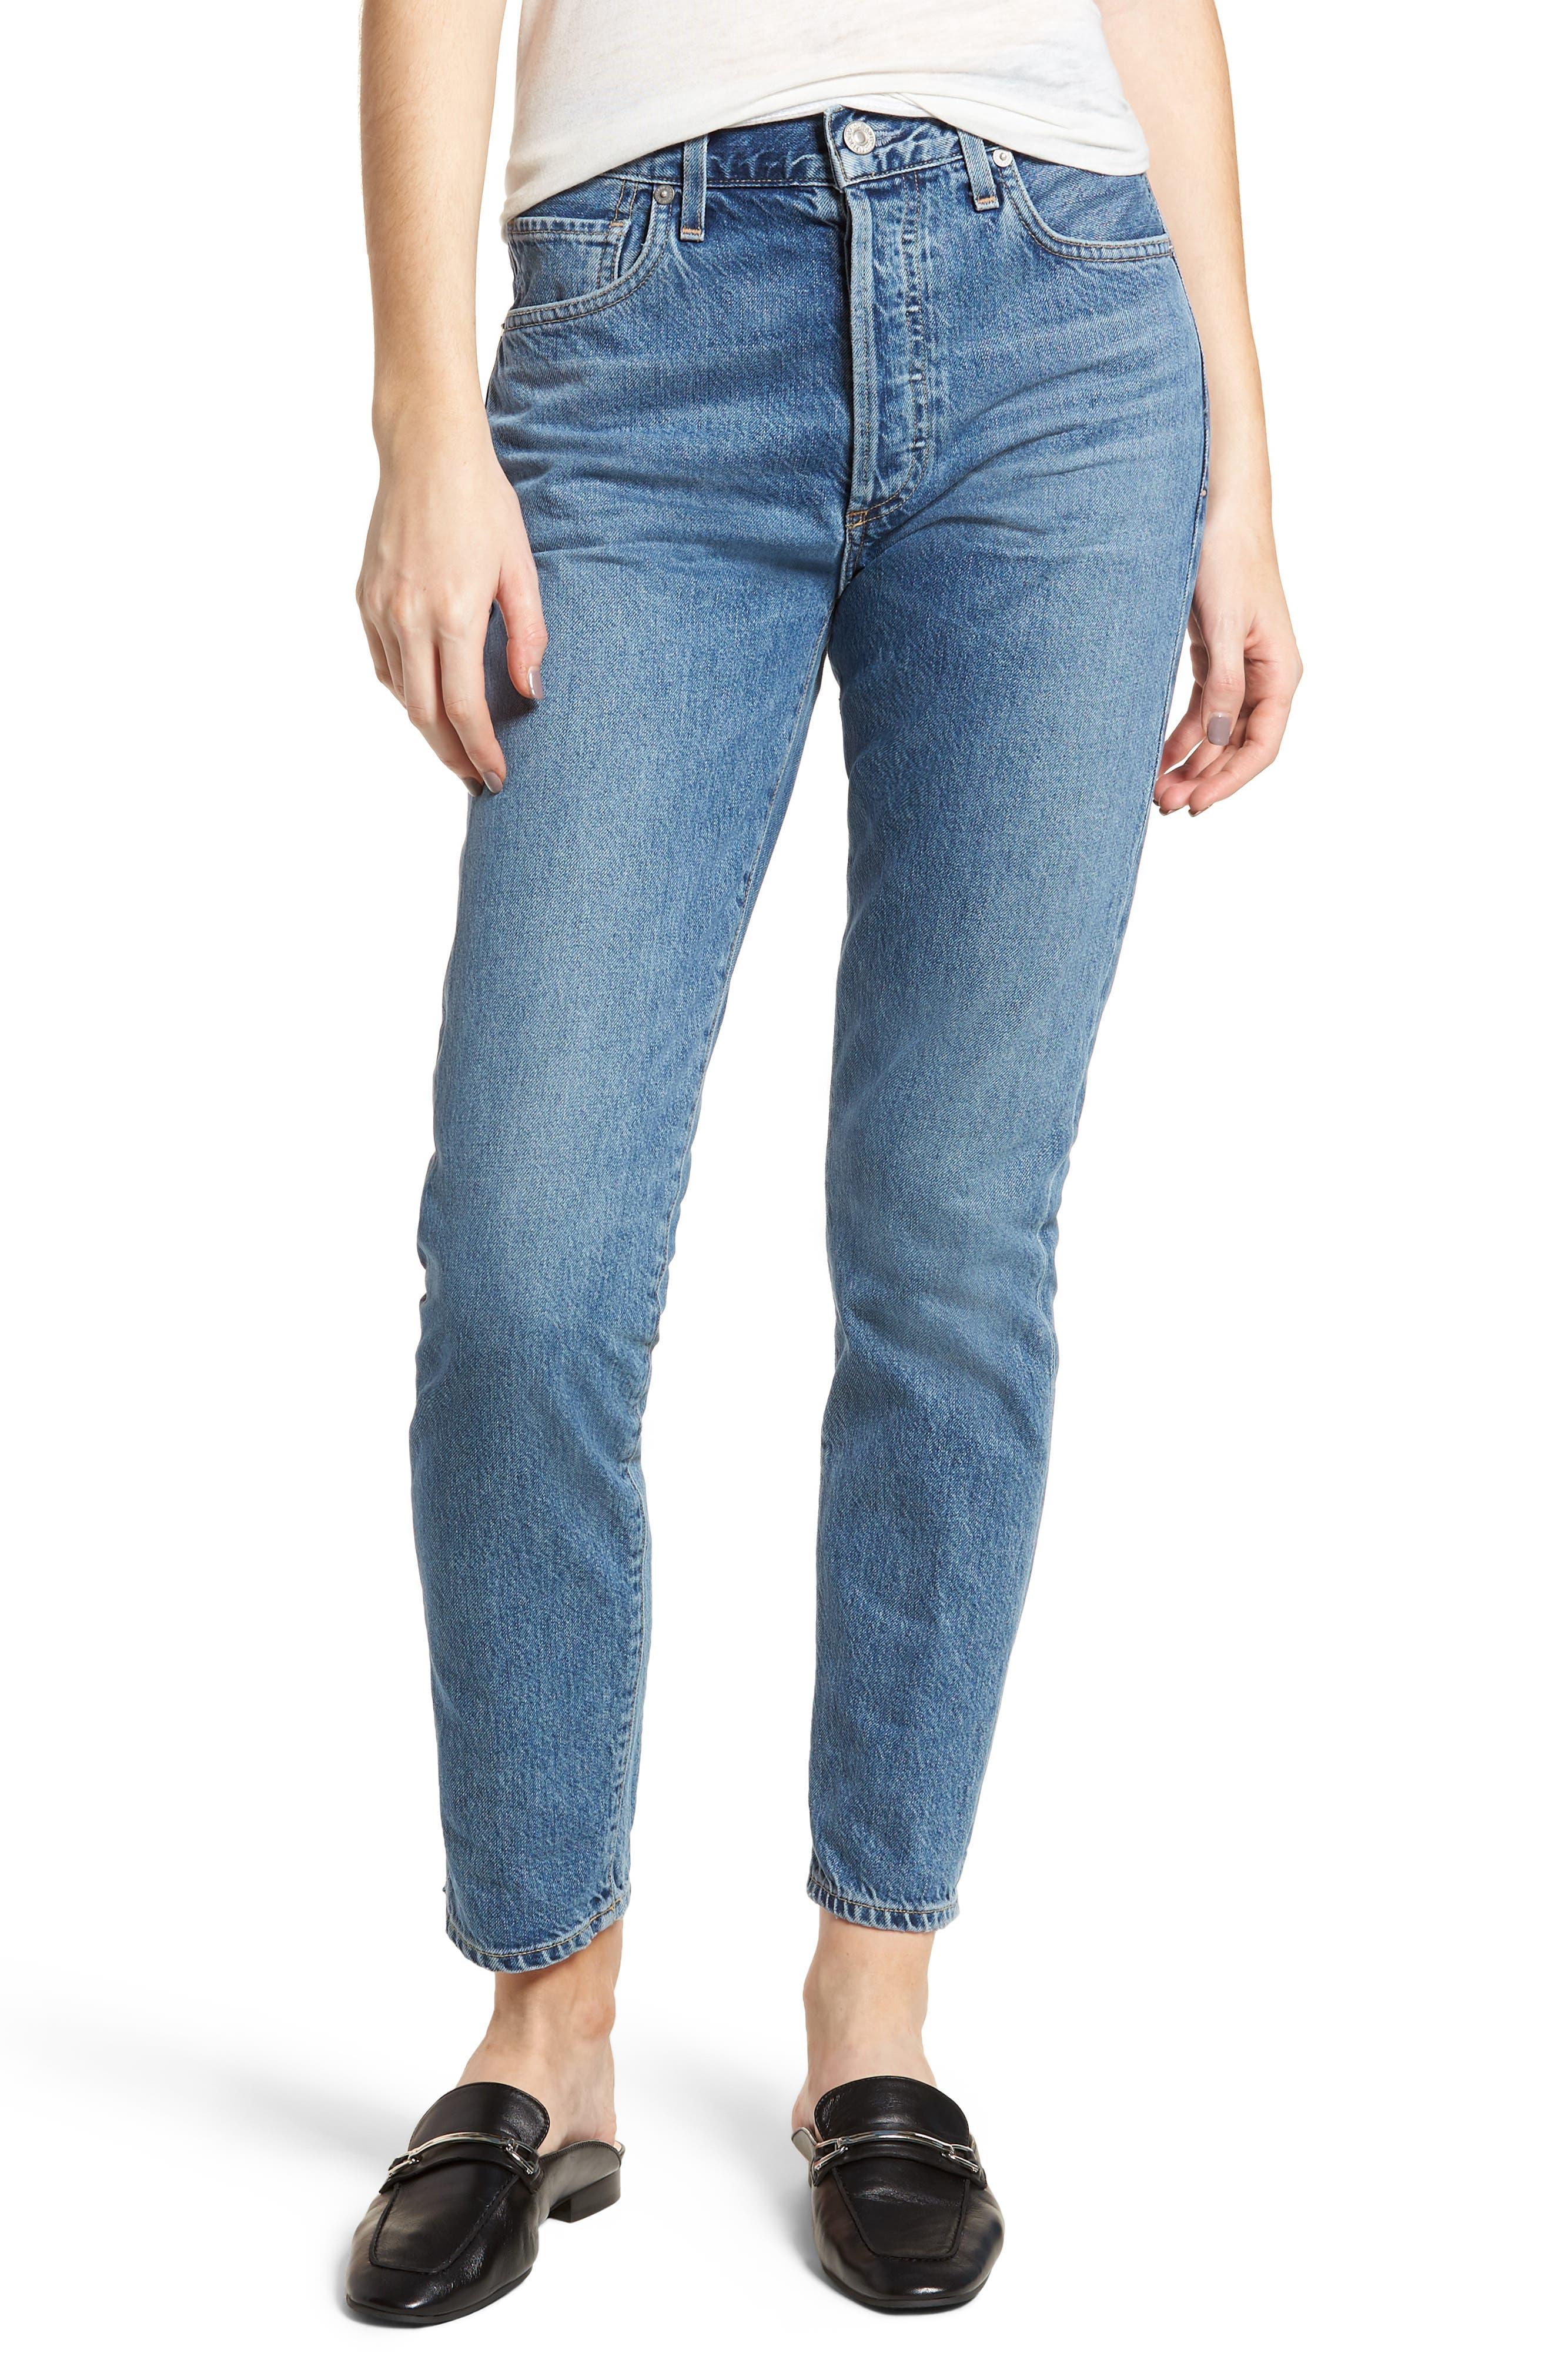 Liya High Waist Slim Boyfriend Jeans,                             Main thumbnail 1, color,                             Admire